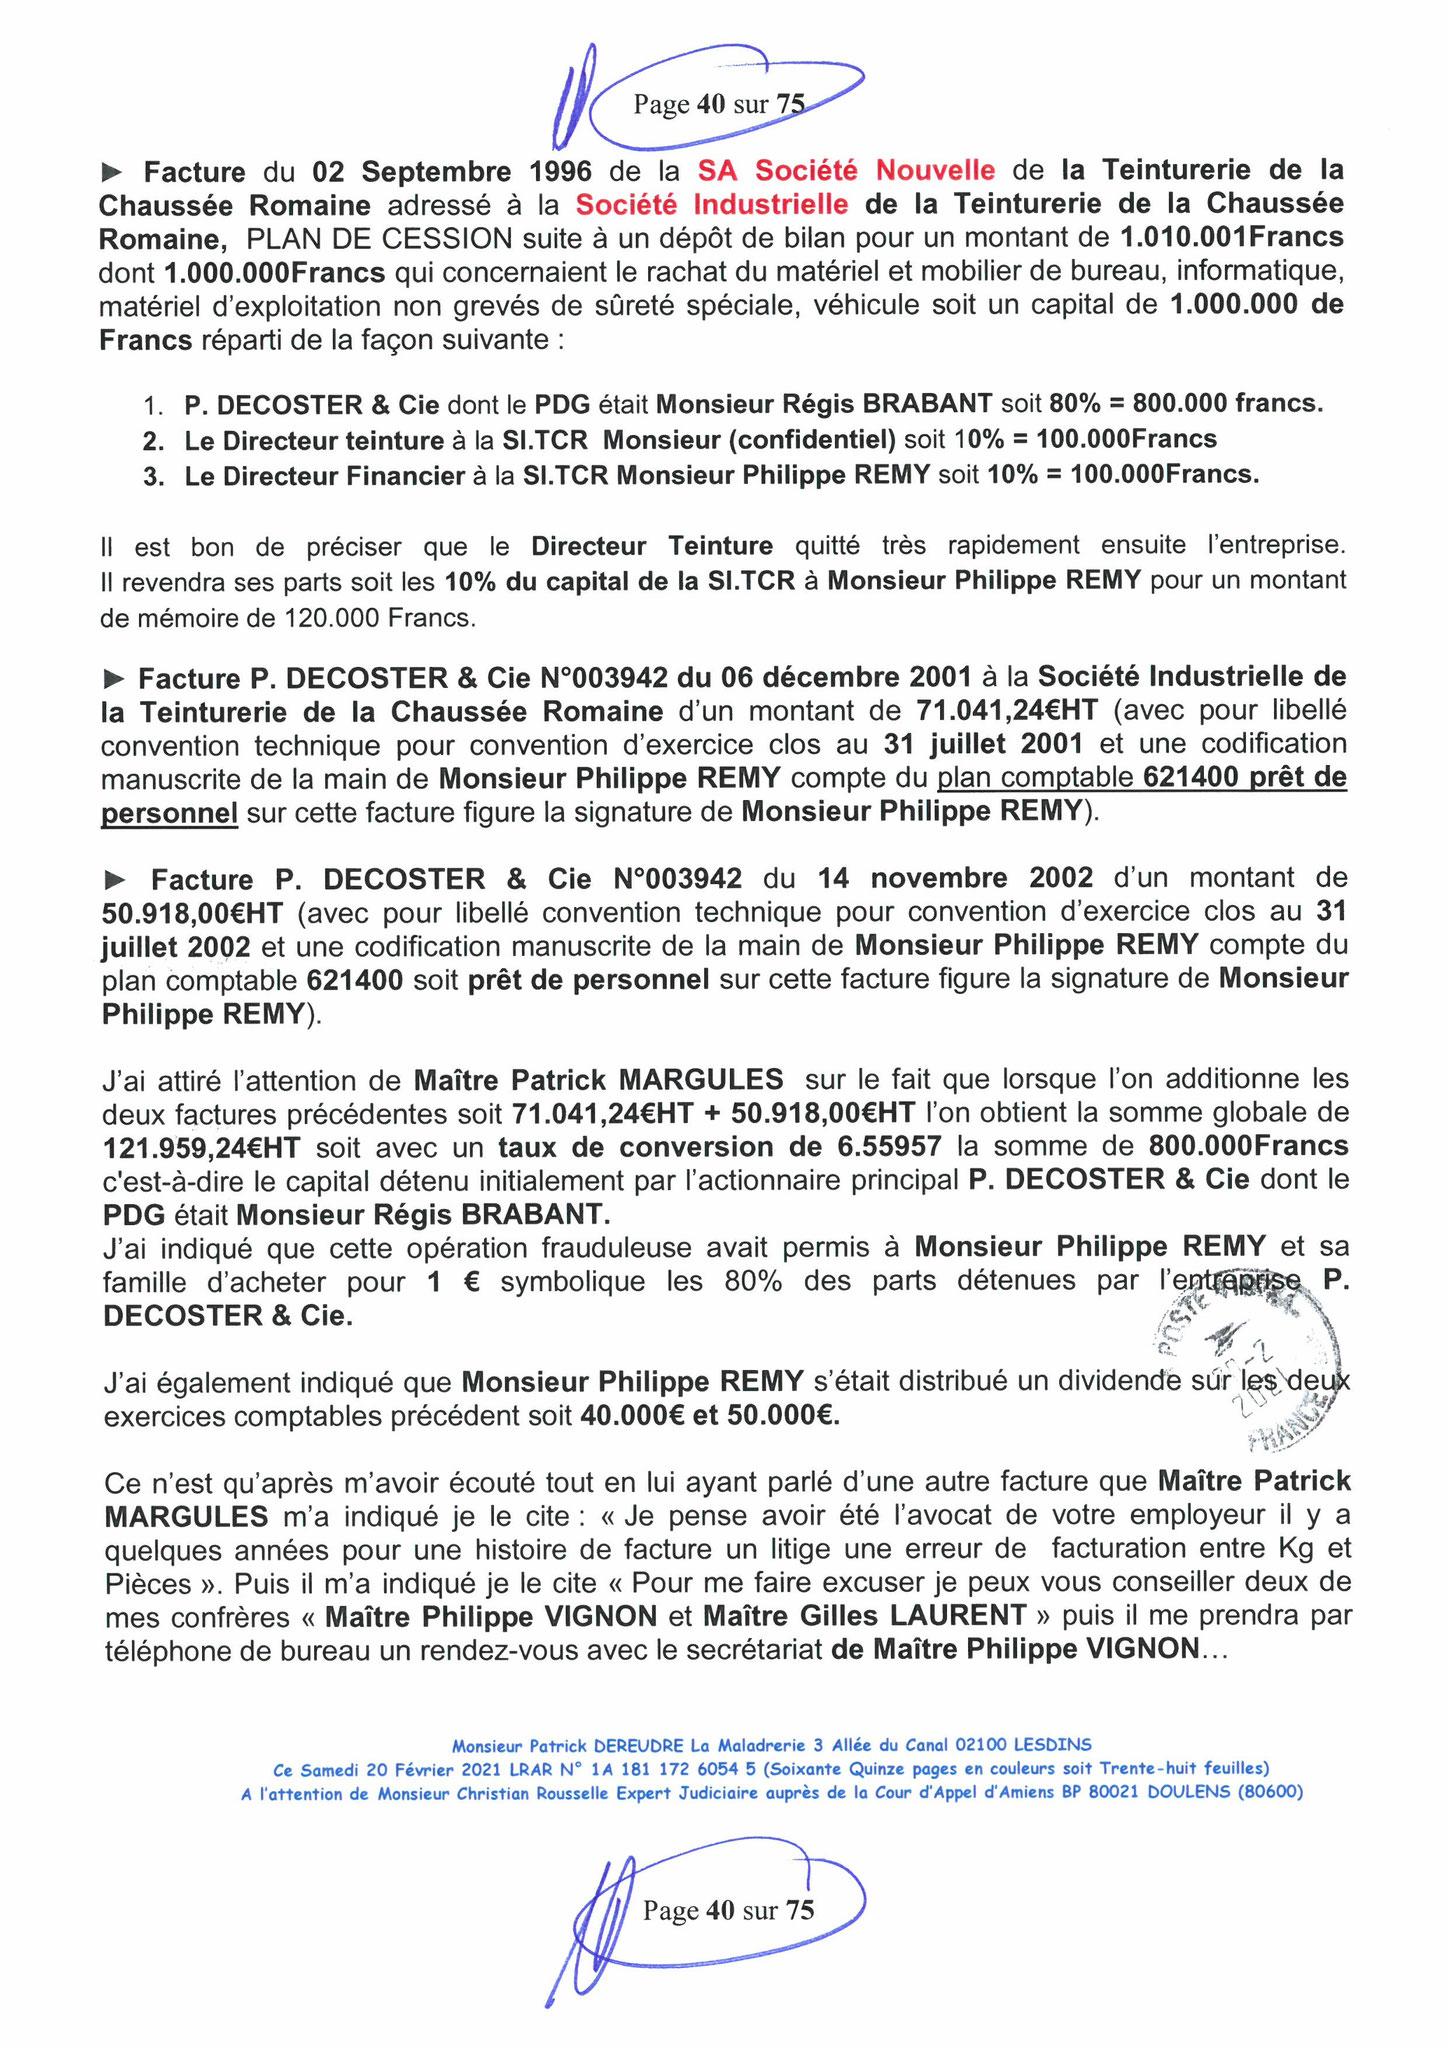 Page 40 Ma  Lettre Recommandée à Monsieur Christian ROUSSELLE Expert Judiciaire auprès de la Cour d'Appel d'Amiens Affaire MES CHERS VOISINS nos  www.jenesuispasunchien.fr www.jesuisvictime.fr www.jesuispatrick.fr PARJURE & CORRUPTION JUSTICE REPUBLIQUE